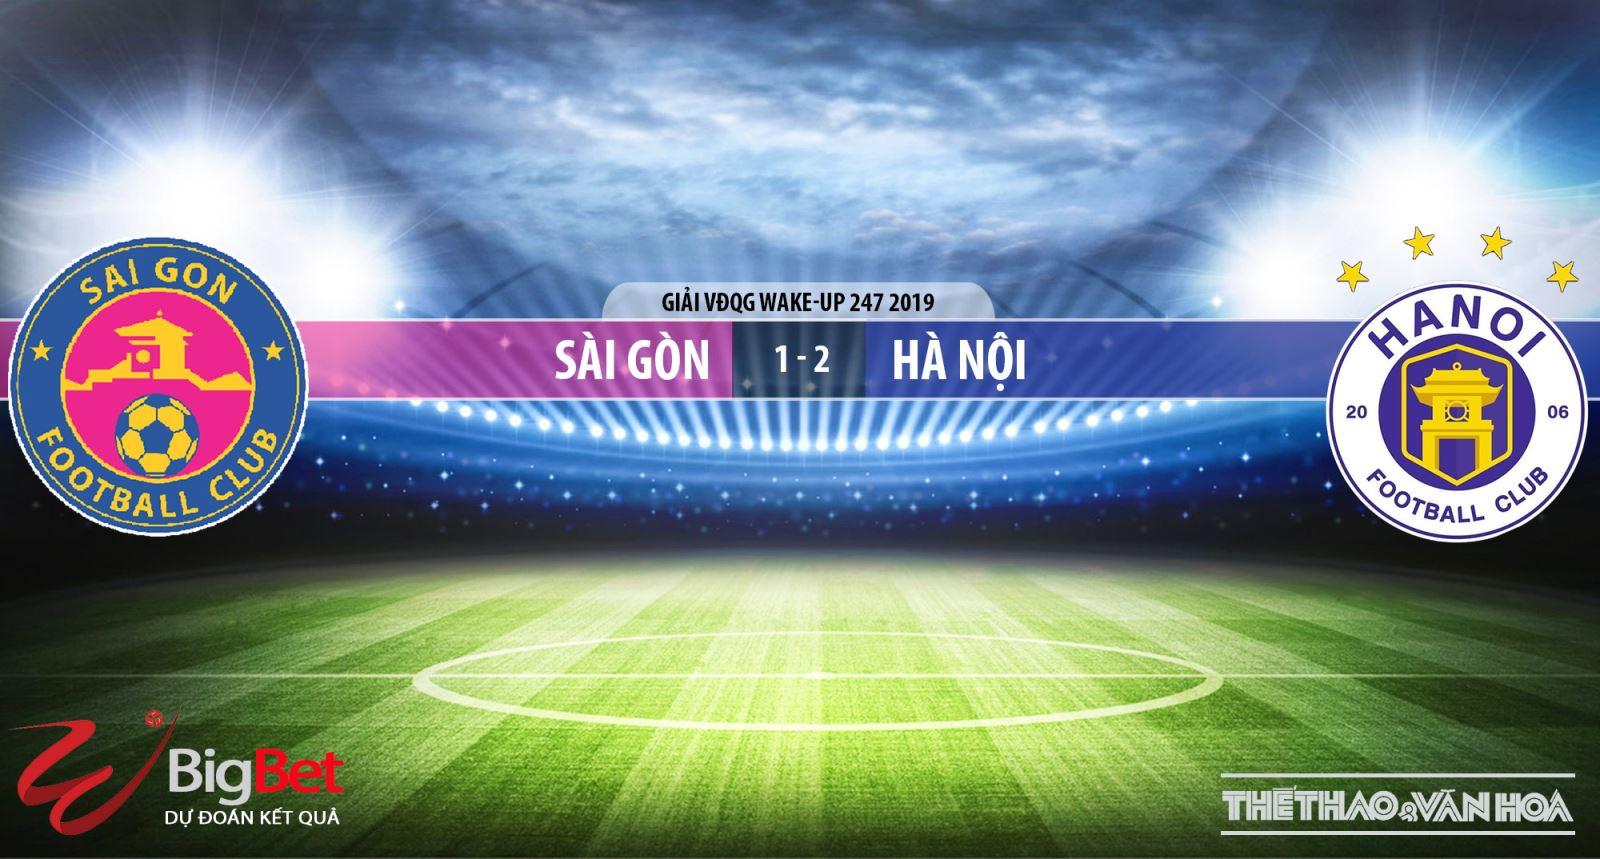 HAGL vs SLNA, Sài Gòn vs Hà Nội, Hải Phòng vs Than Quảng Ninh, trực tiếp bóng đá, trực tiếp V League, nhận định V League, soi kèo bóng đá, VTV6, BĐTV, TTTV, FPT Play, HTV Thể thao